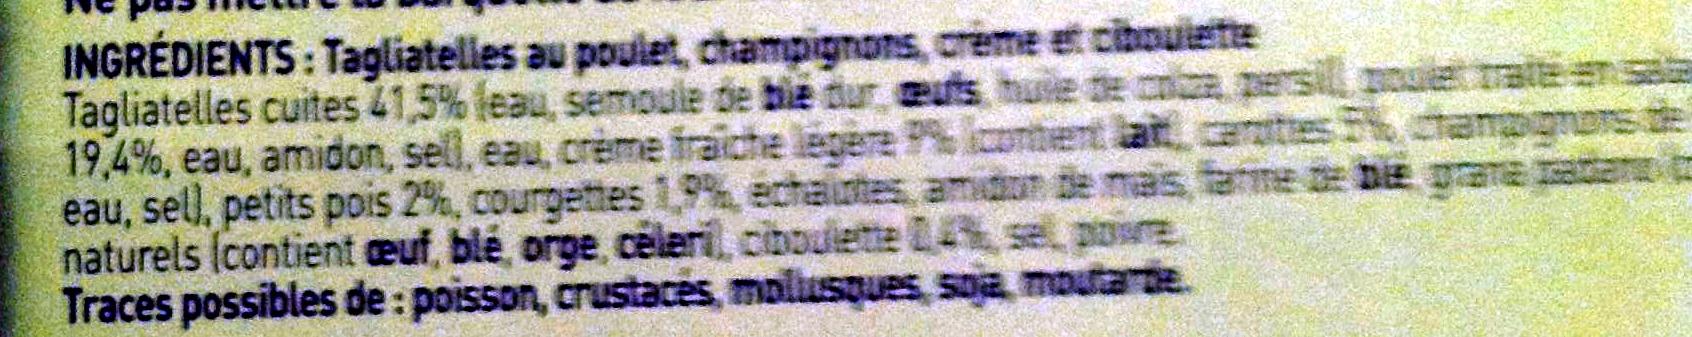 Tagliatelles au poulet - Ingrédients - fr